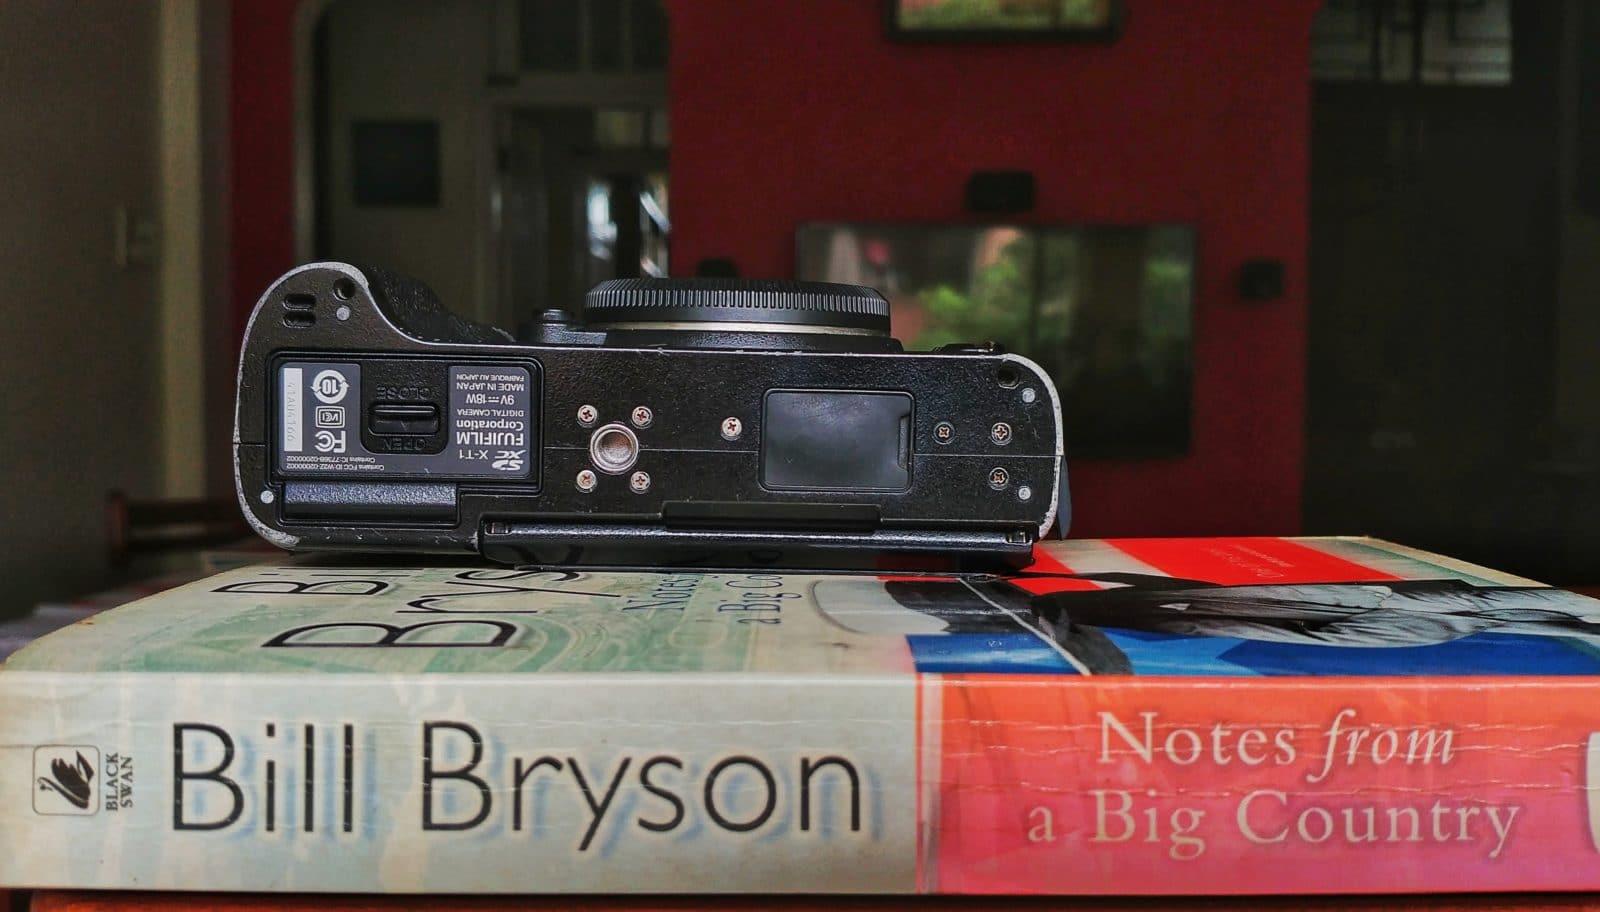 Fujifilm XT-1 size comparision